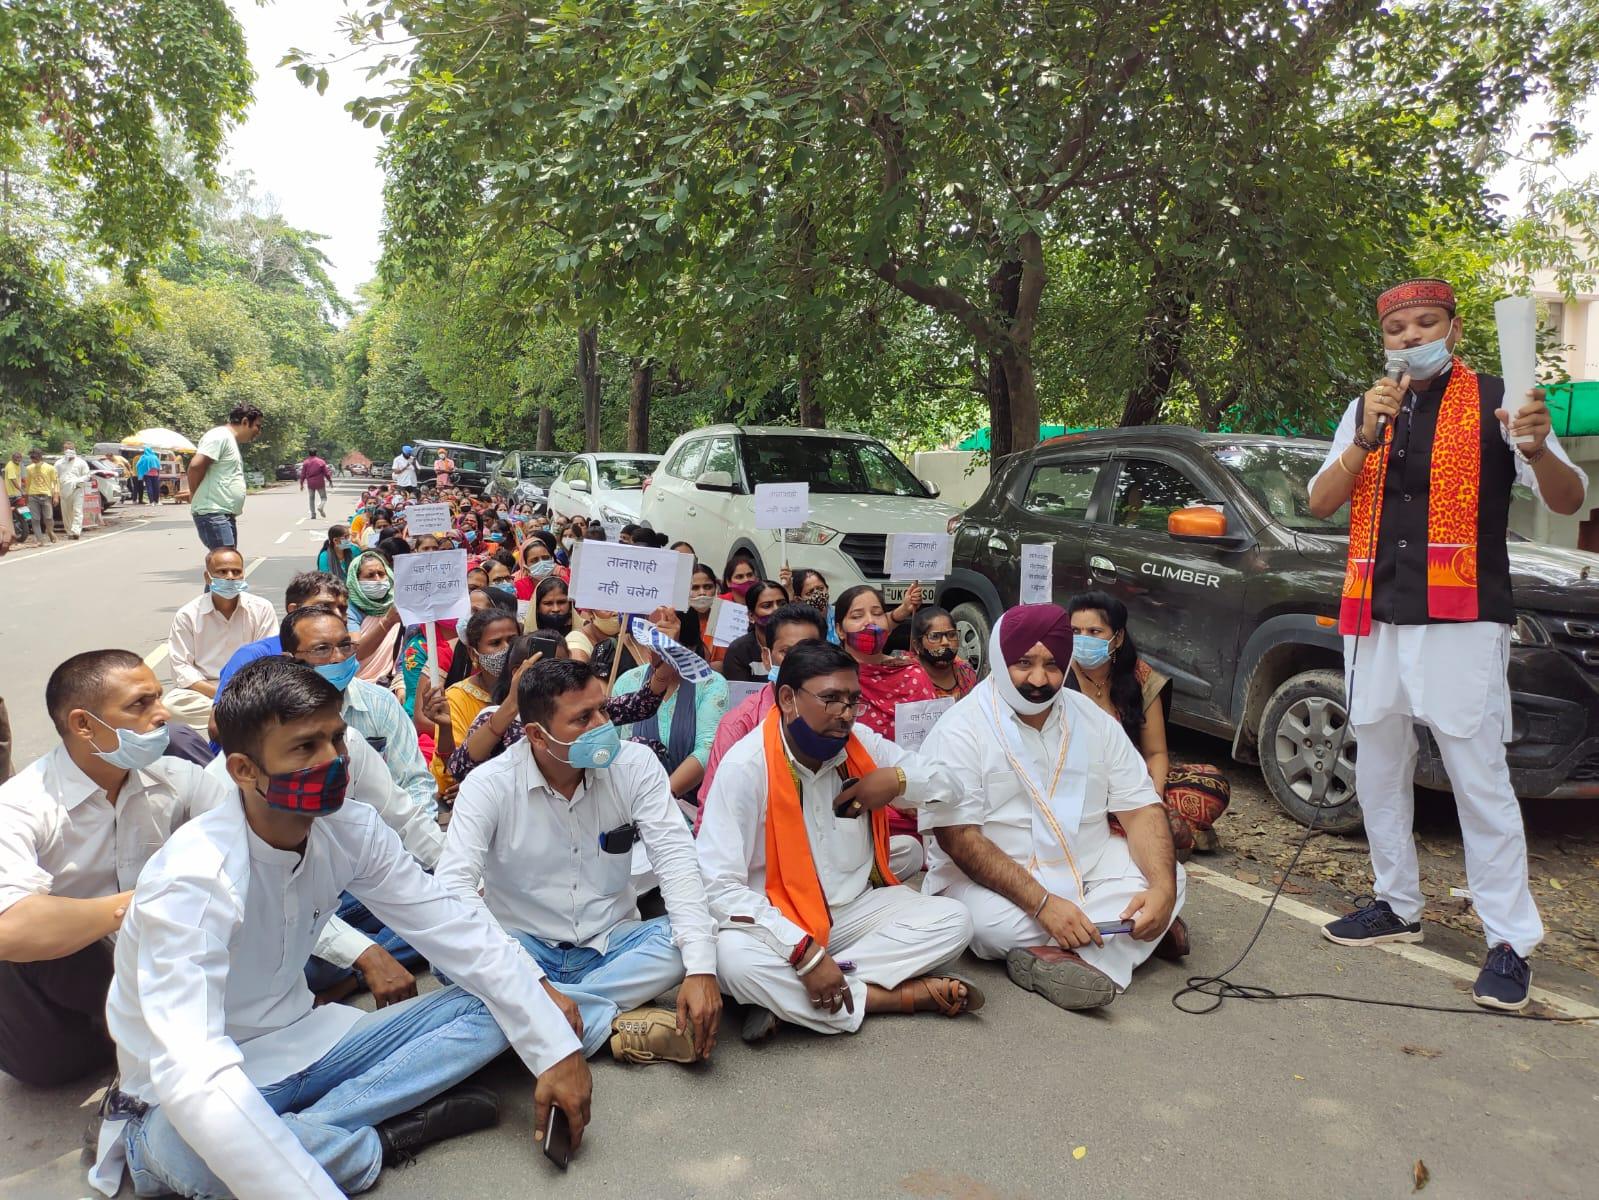 महिला पुलिसकर्मी पर कार्रवाई की मांग को लेकर एसएसपी ऑफिस पर धरना